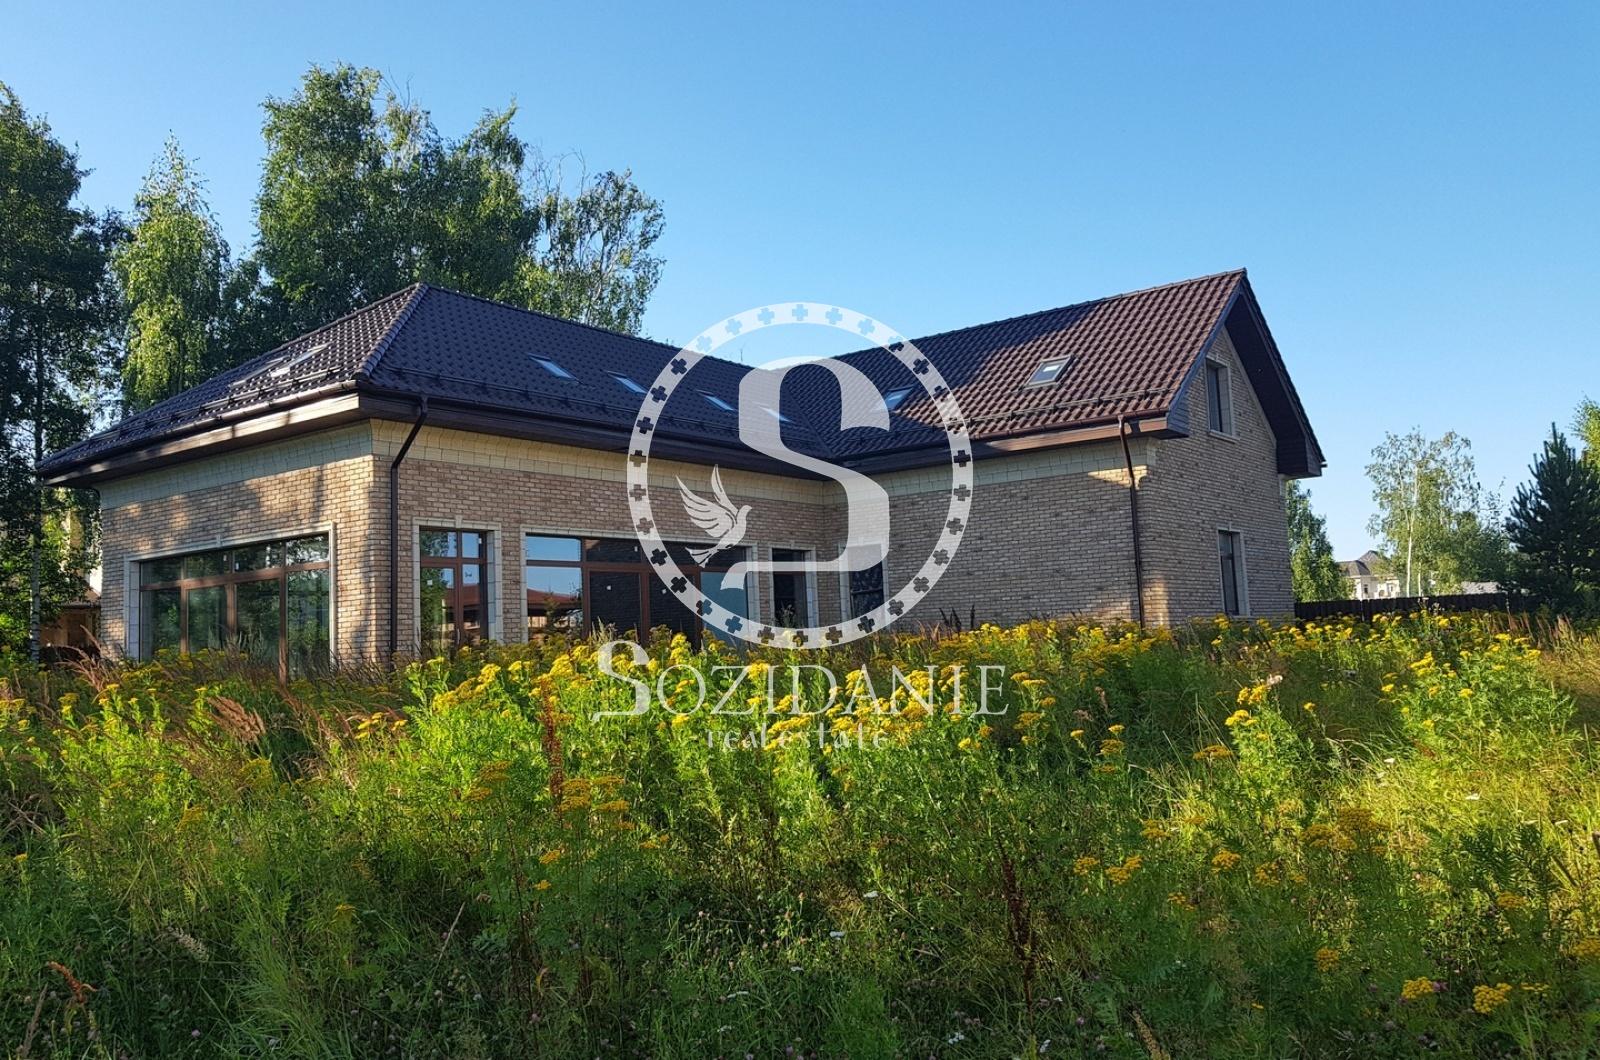 6 Bedrooms, Загородная, Продажа, Listing ID 2154, Московская область, Россия,